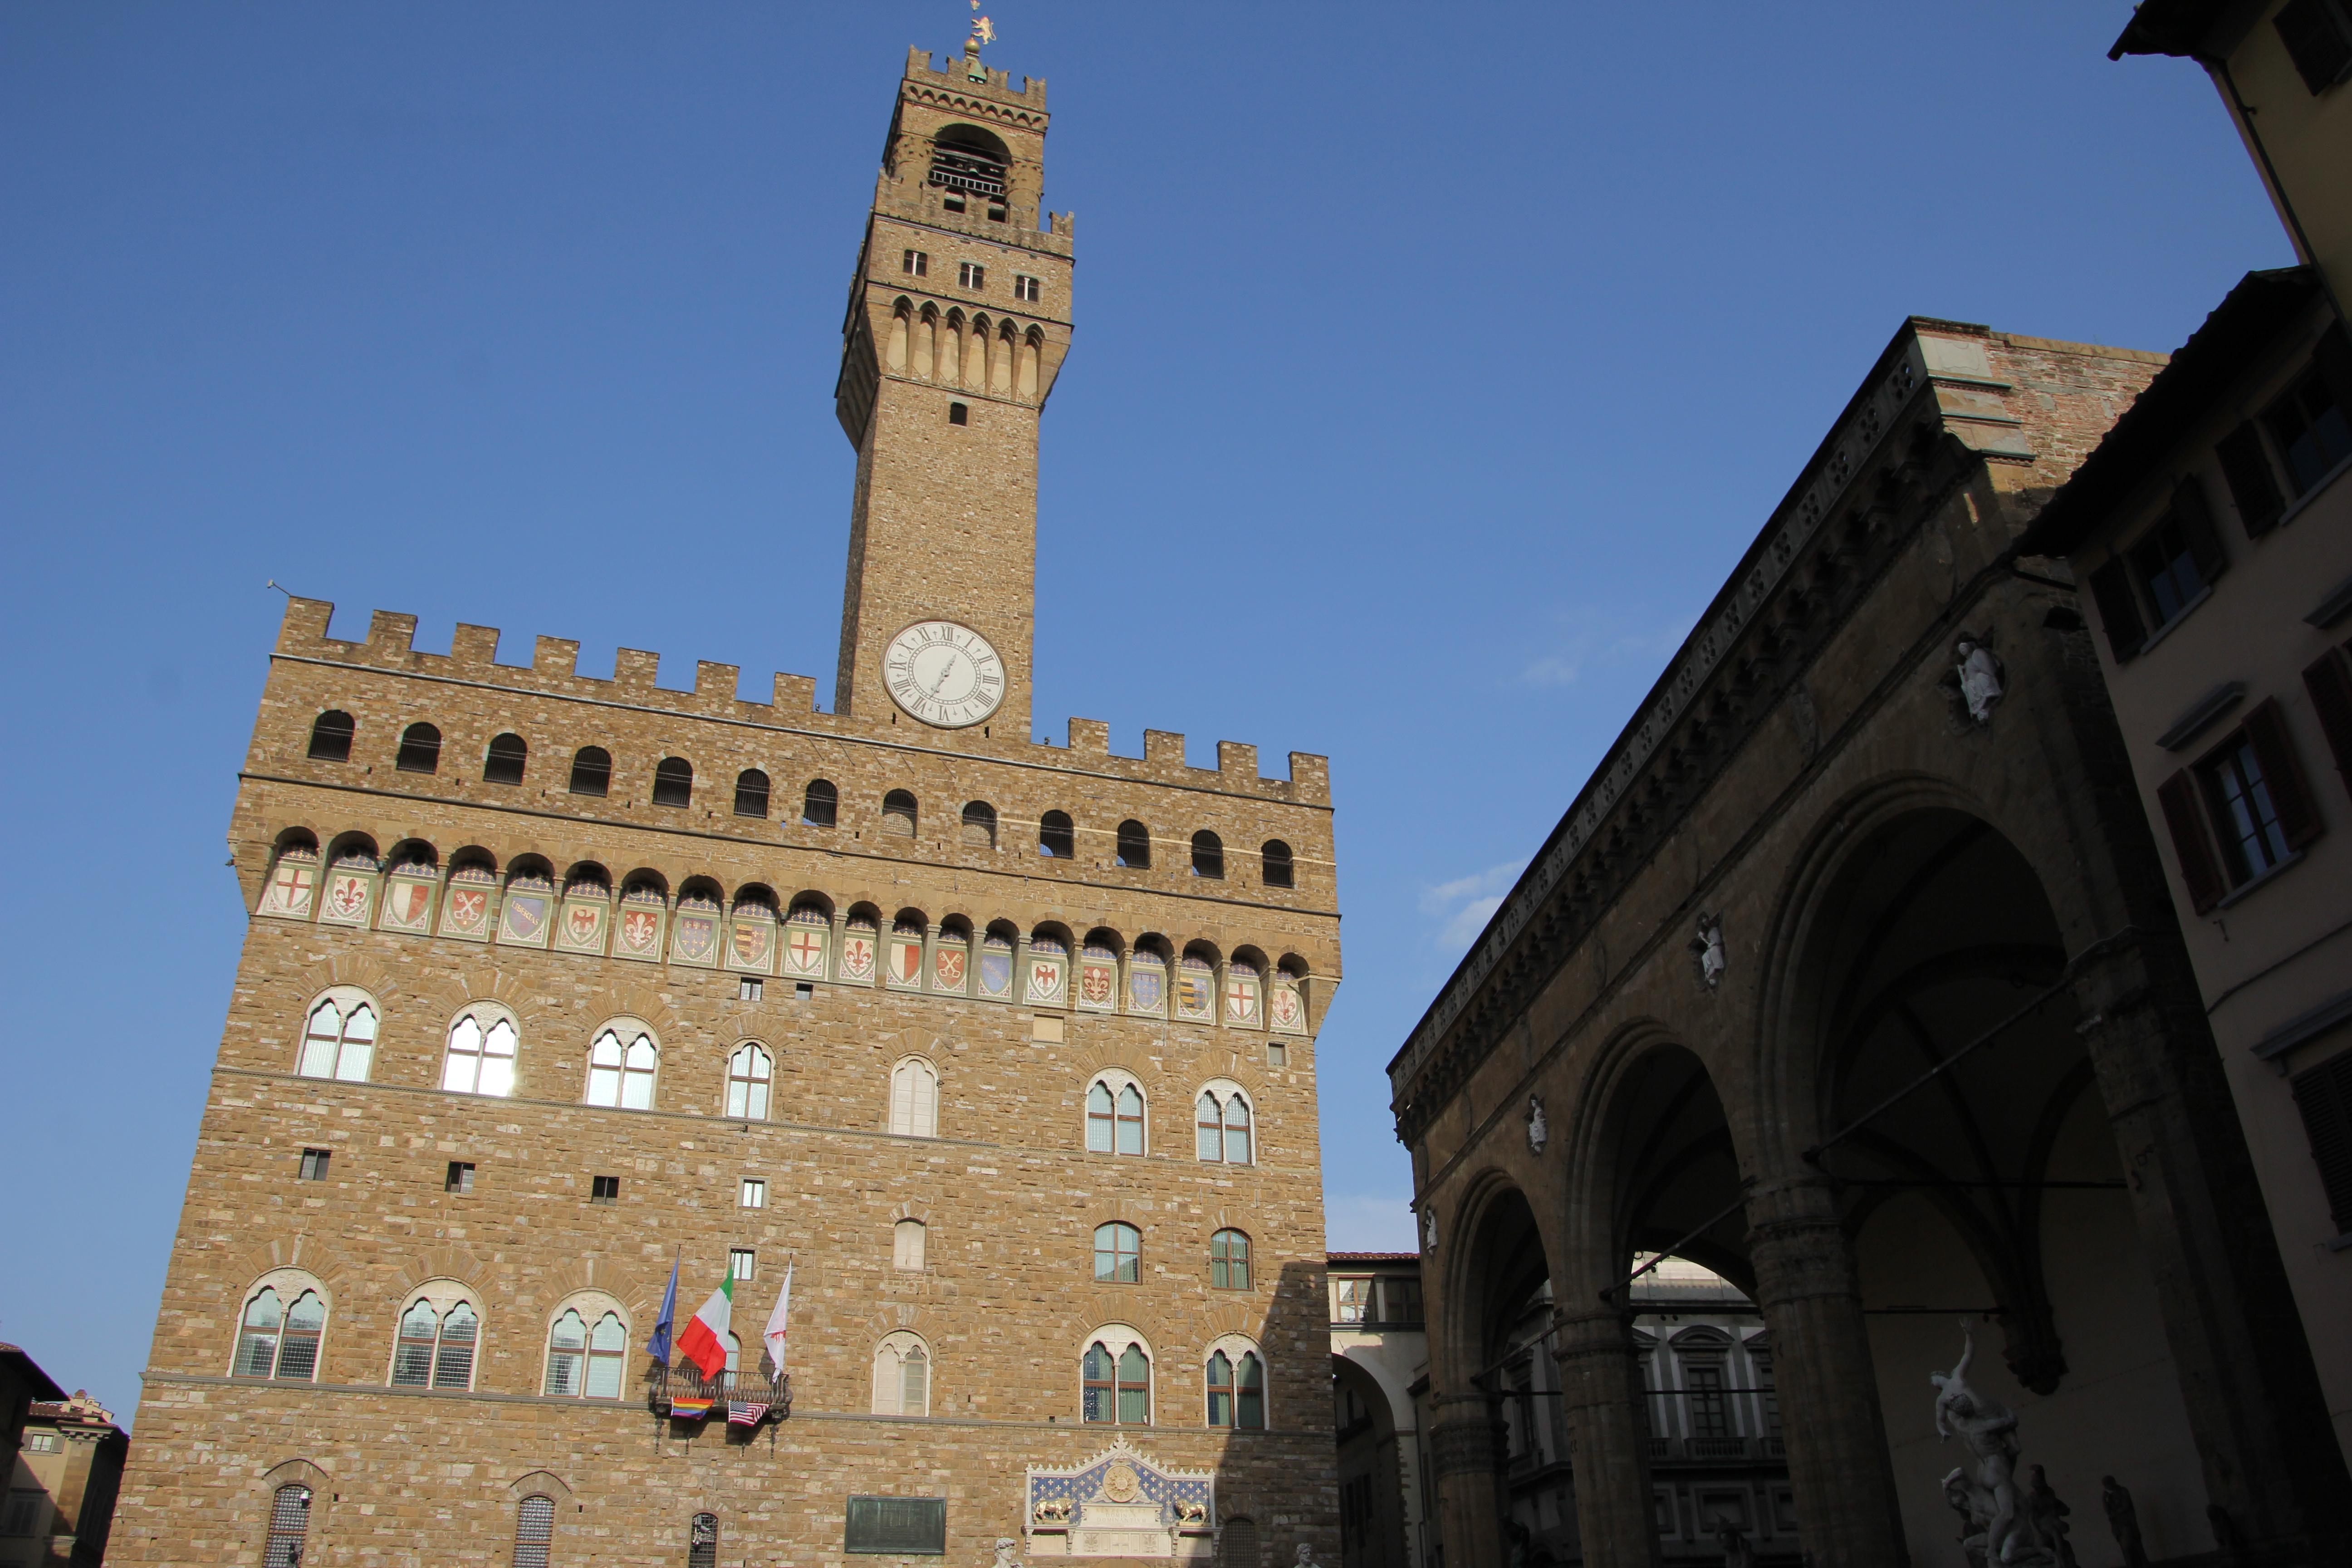 Palazzo Vecchio, Loggia dei Lanzi, Piazza della Signoria, Firenze